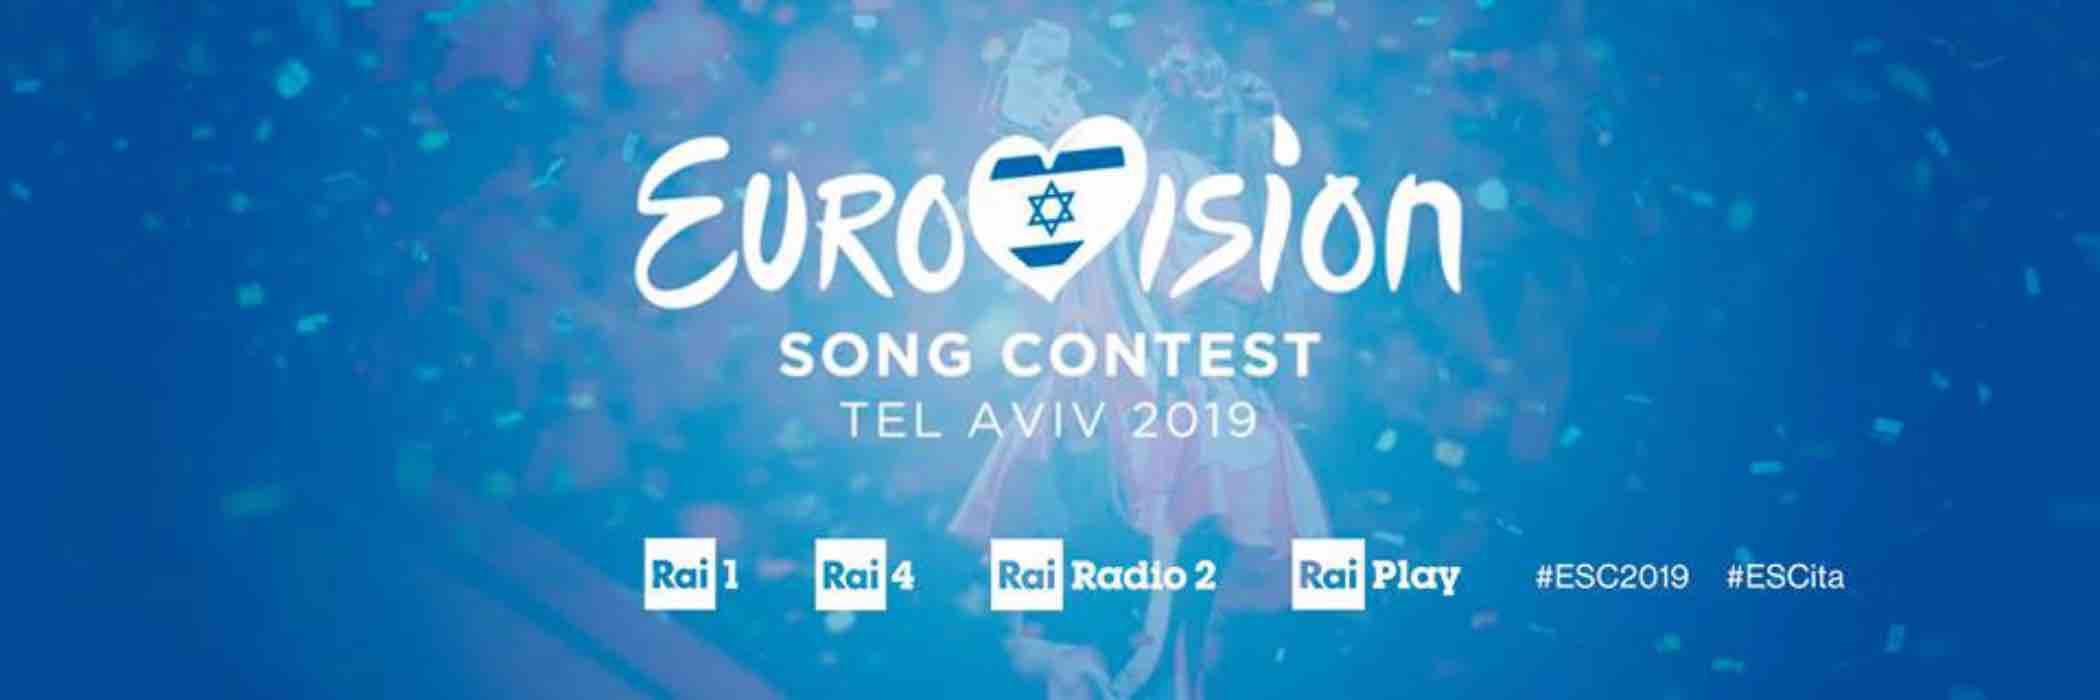 Stasera l'Eurovision Song Contest, il programma: Mahmood scalda la voce